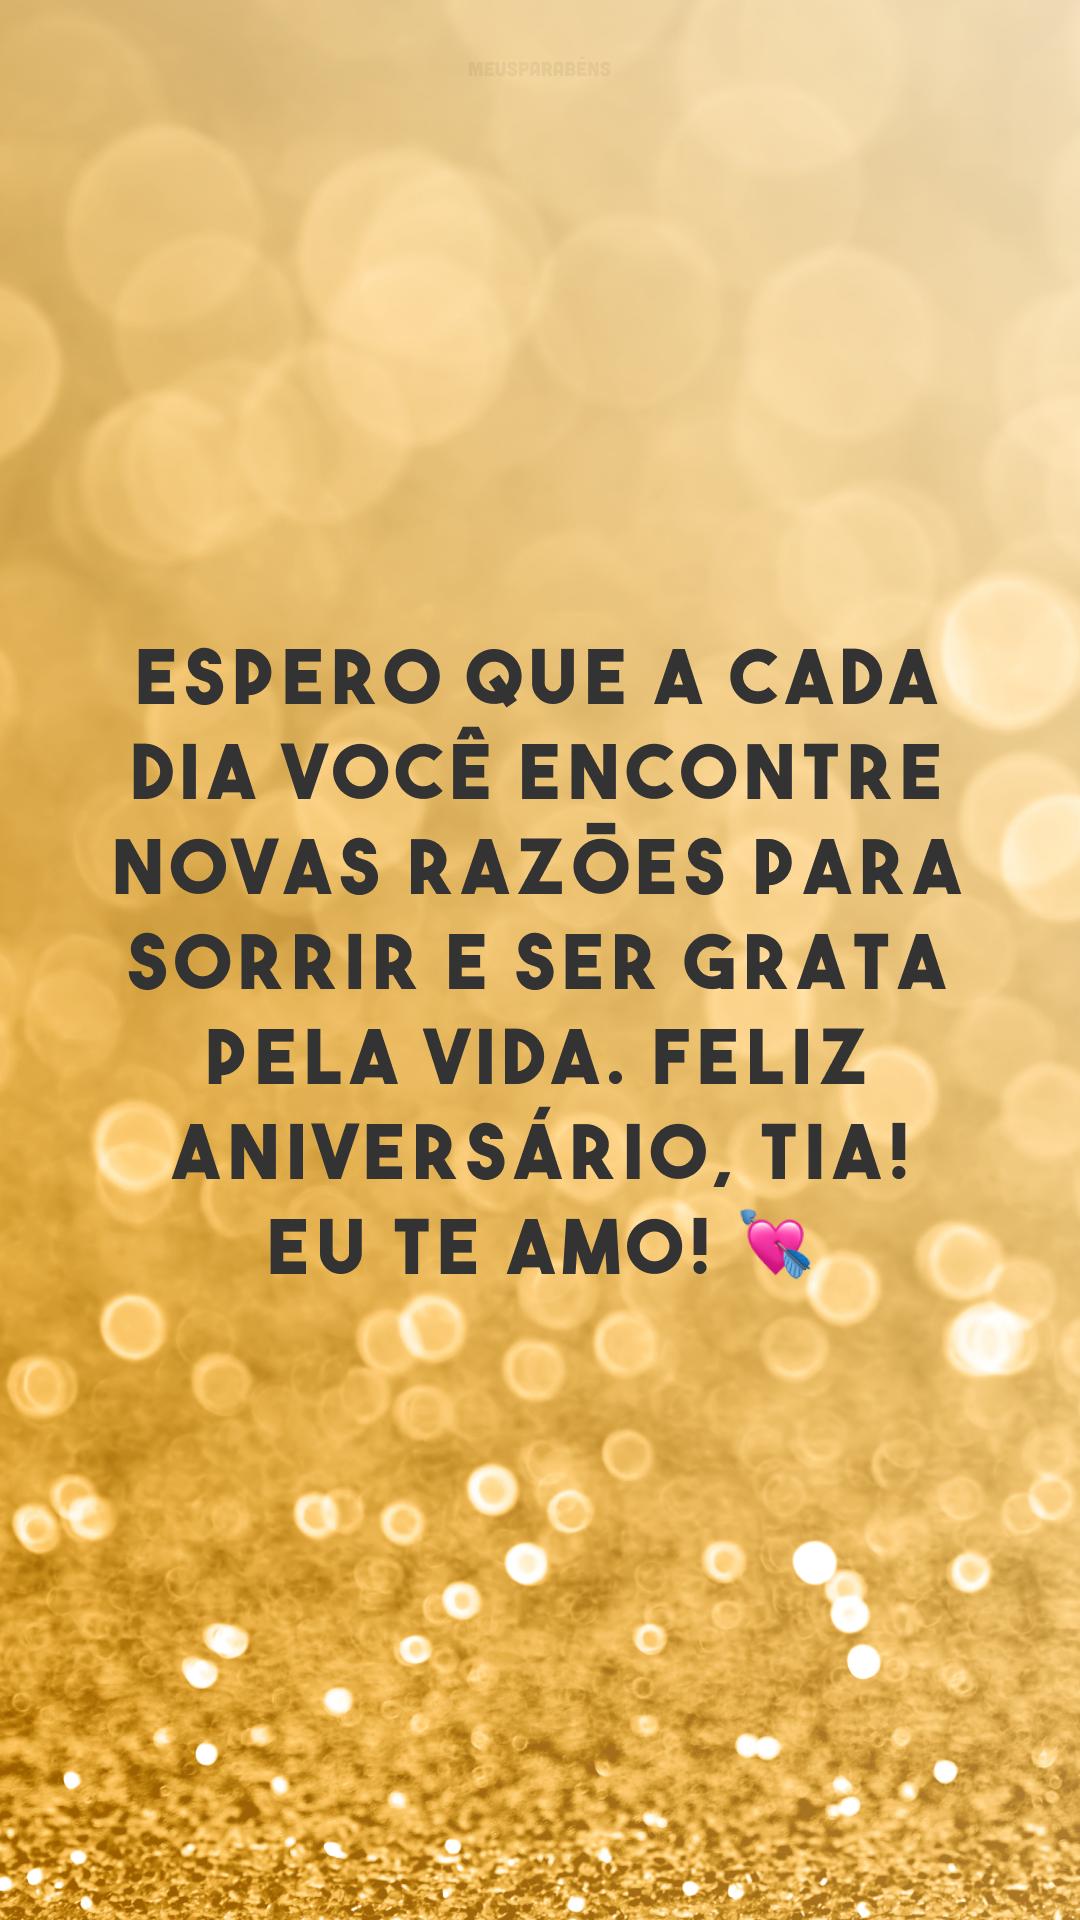 Espero que a cada dia você encontre novas razões para sorrir e ser grata pela vida. Feliz aniversário, tia! Eu te amo! ?